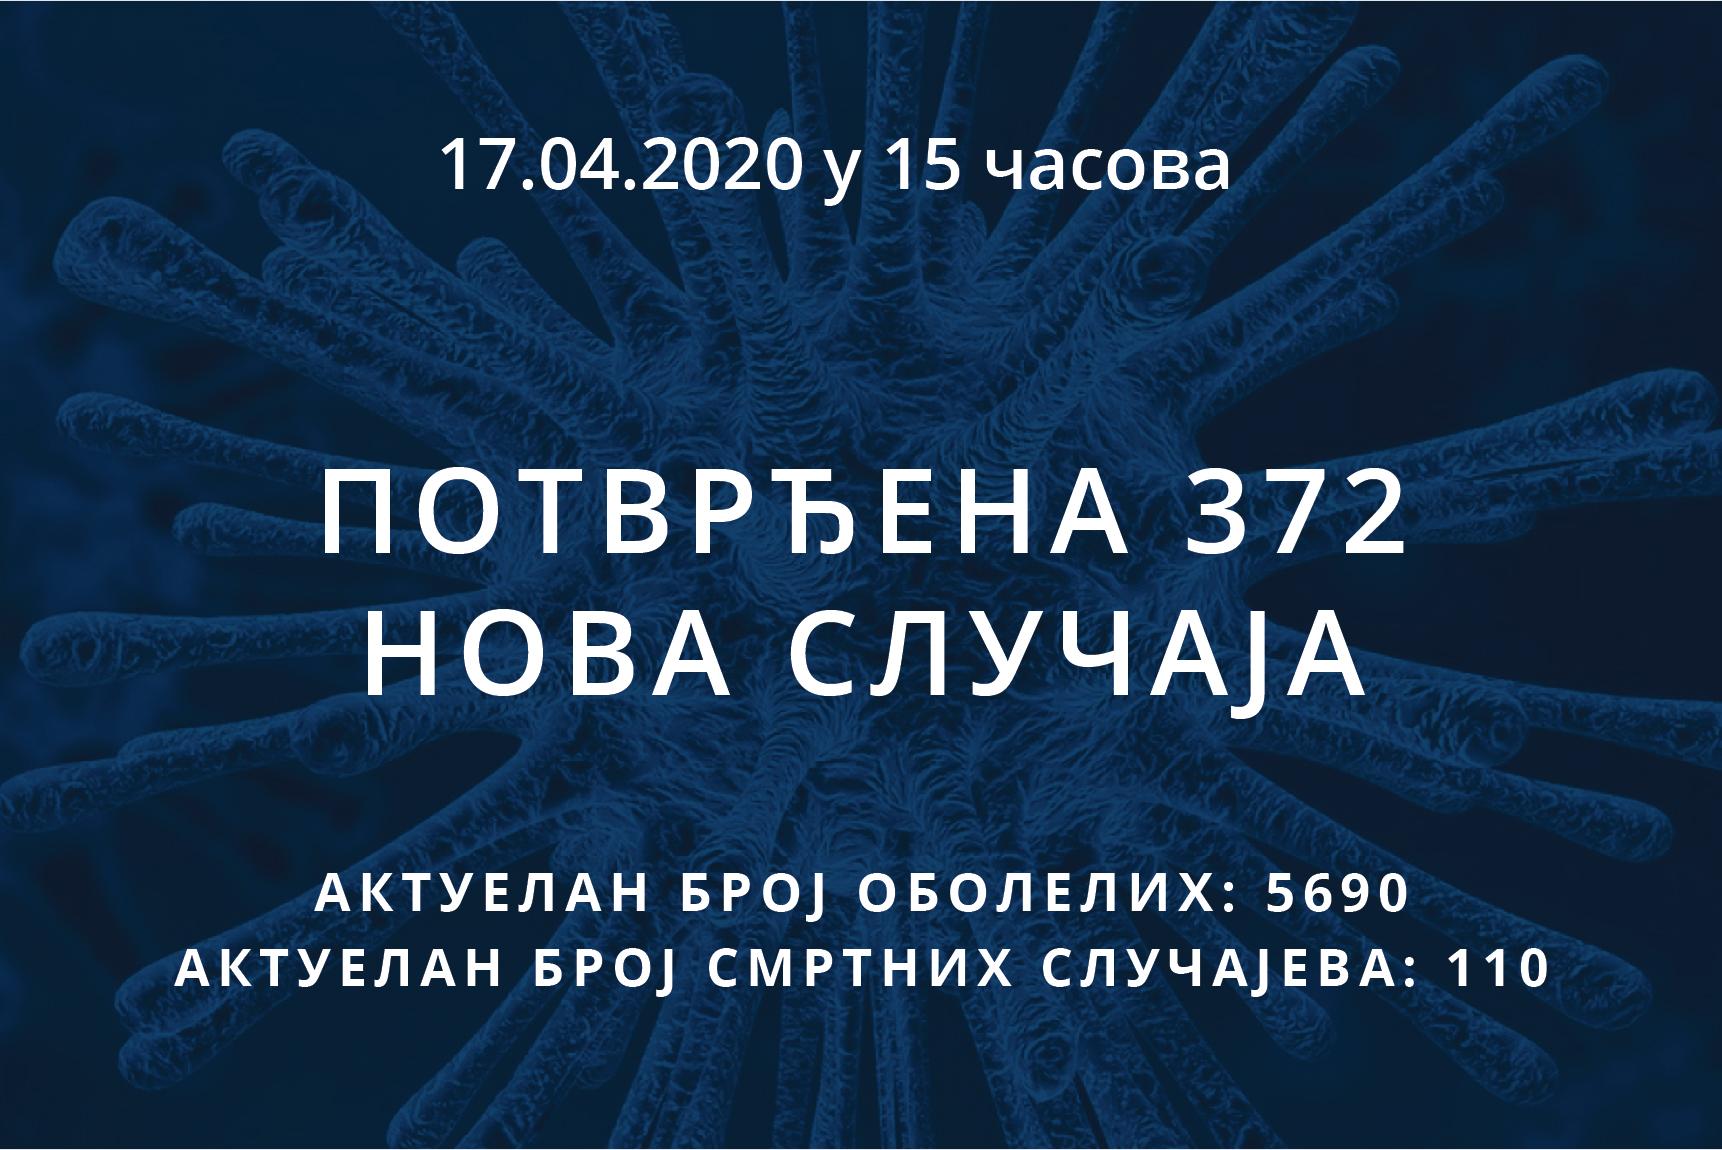 Информације о корона вирусу COVID-19, 17.04.2020 у 15 часова